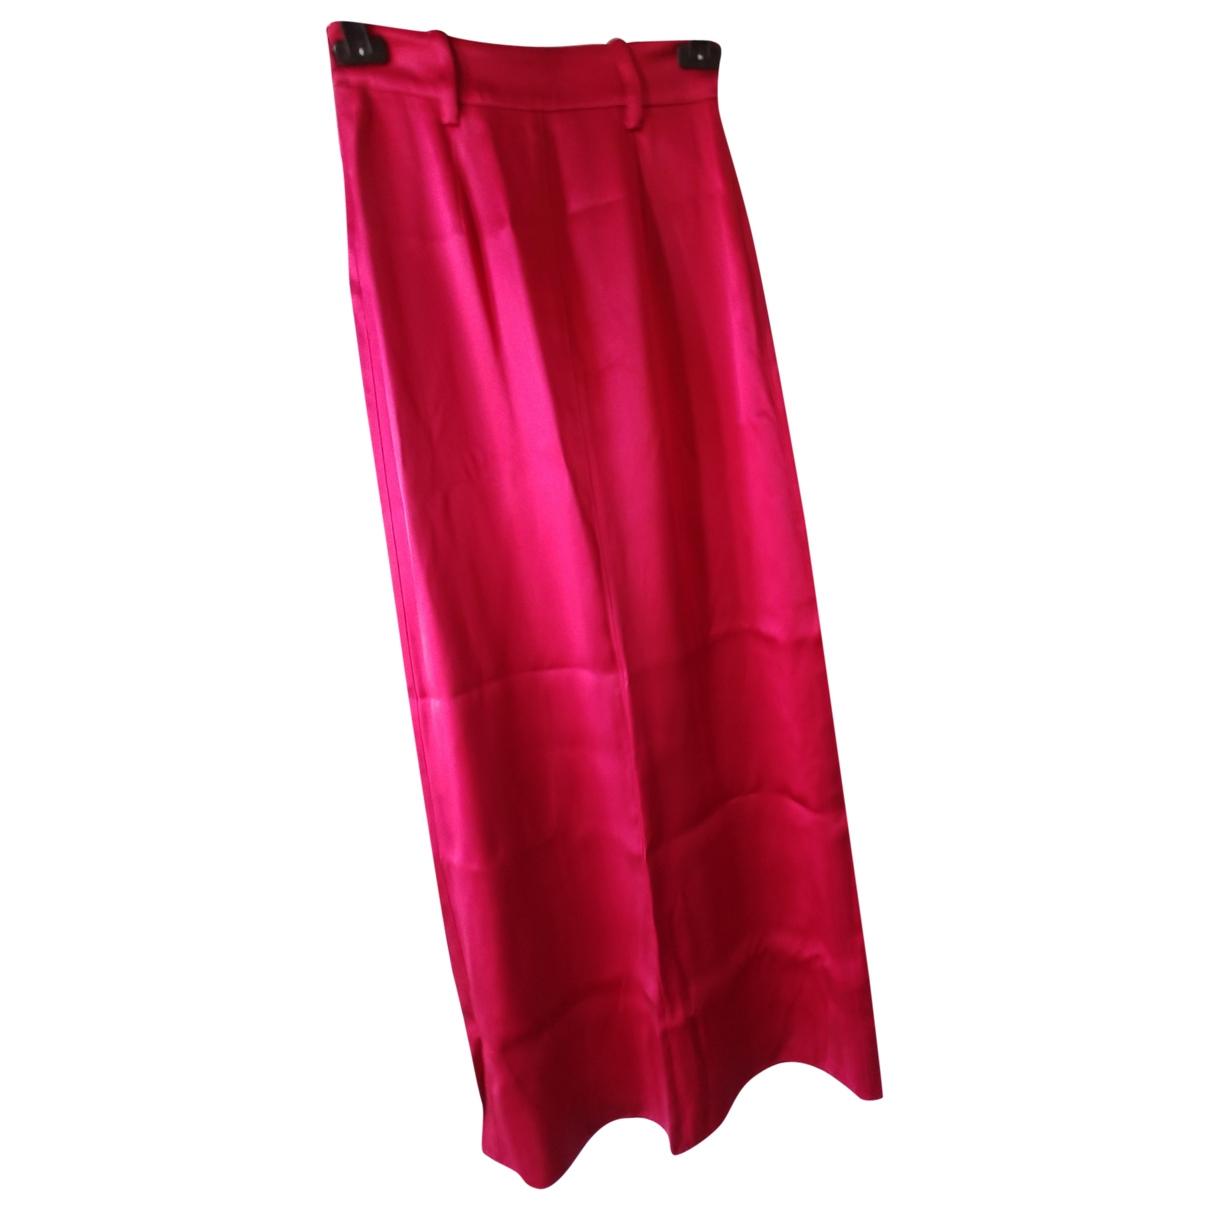 Prada \N Red Silk skirt for Women 38 IT